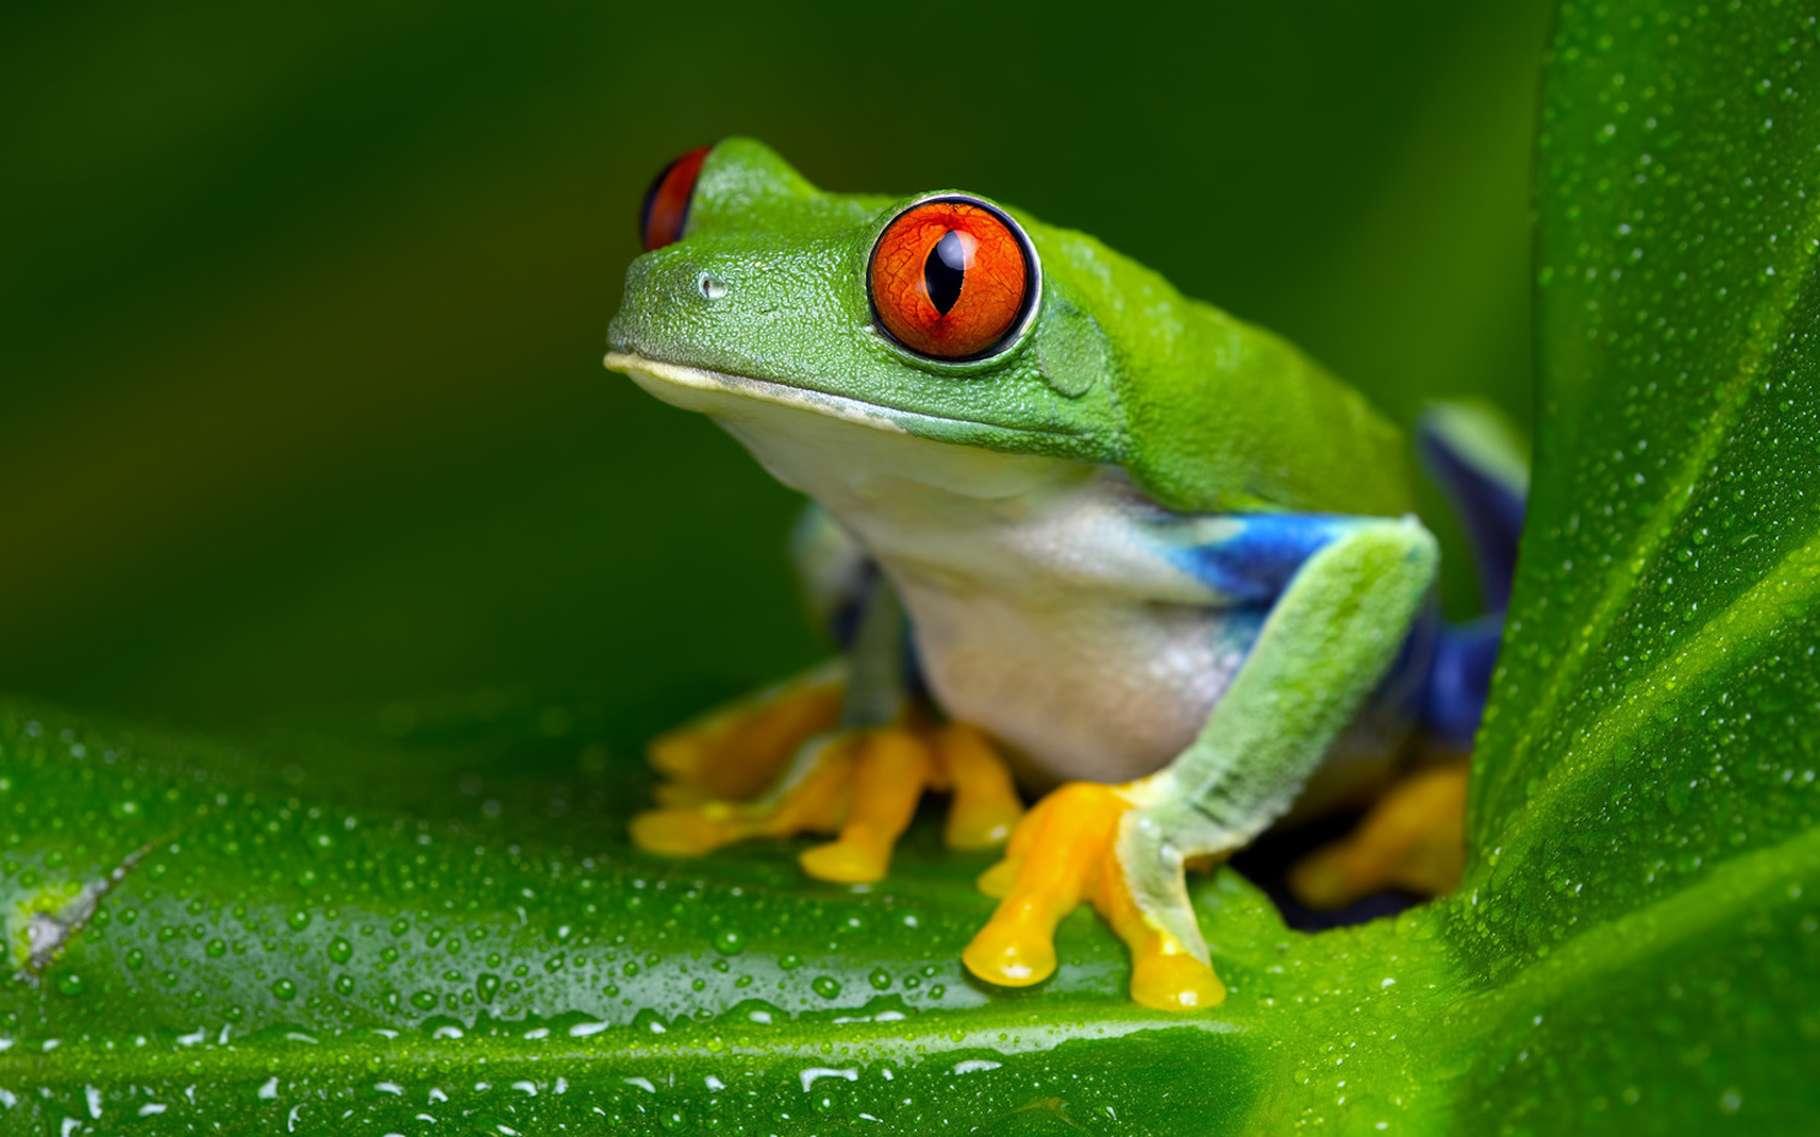 Hypsiboas punctatus – ici, une grenouille arboricole originaire d'Amérique du Sud, comme elle – est le premier amphibien à montrer des capacités de fluorescence. © davemhuntphoto, Fotolia